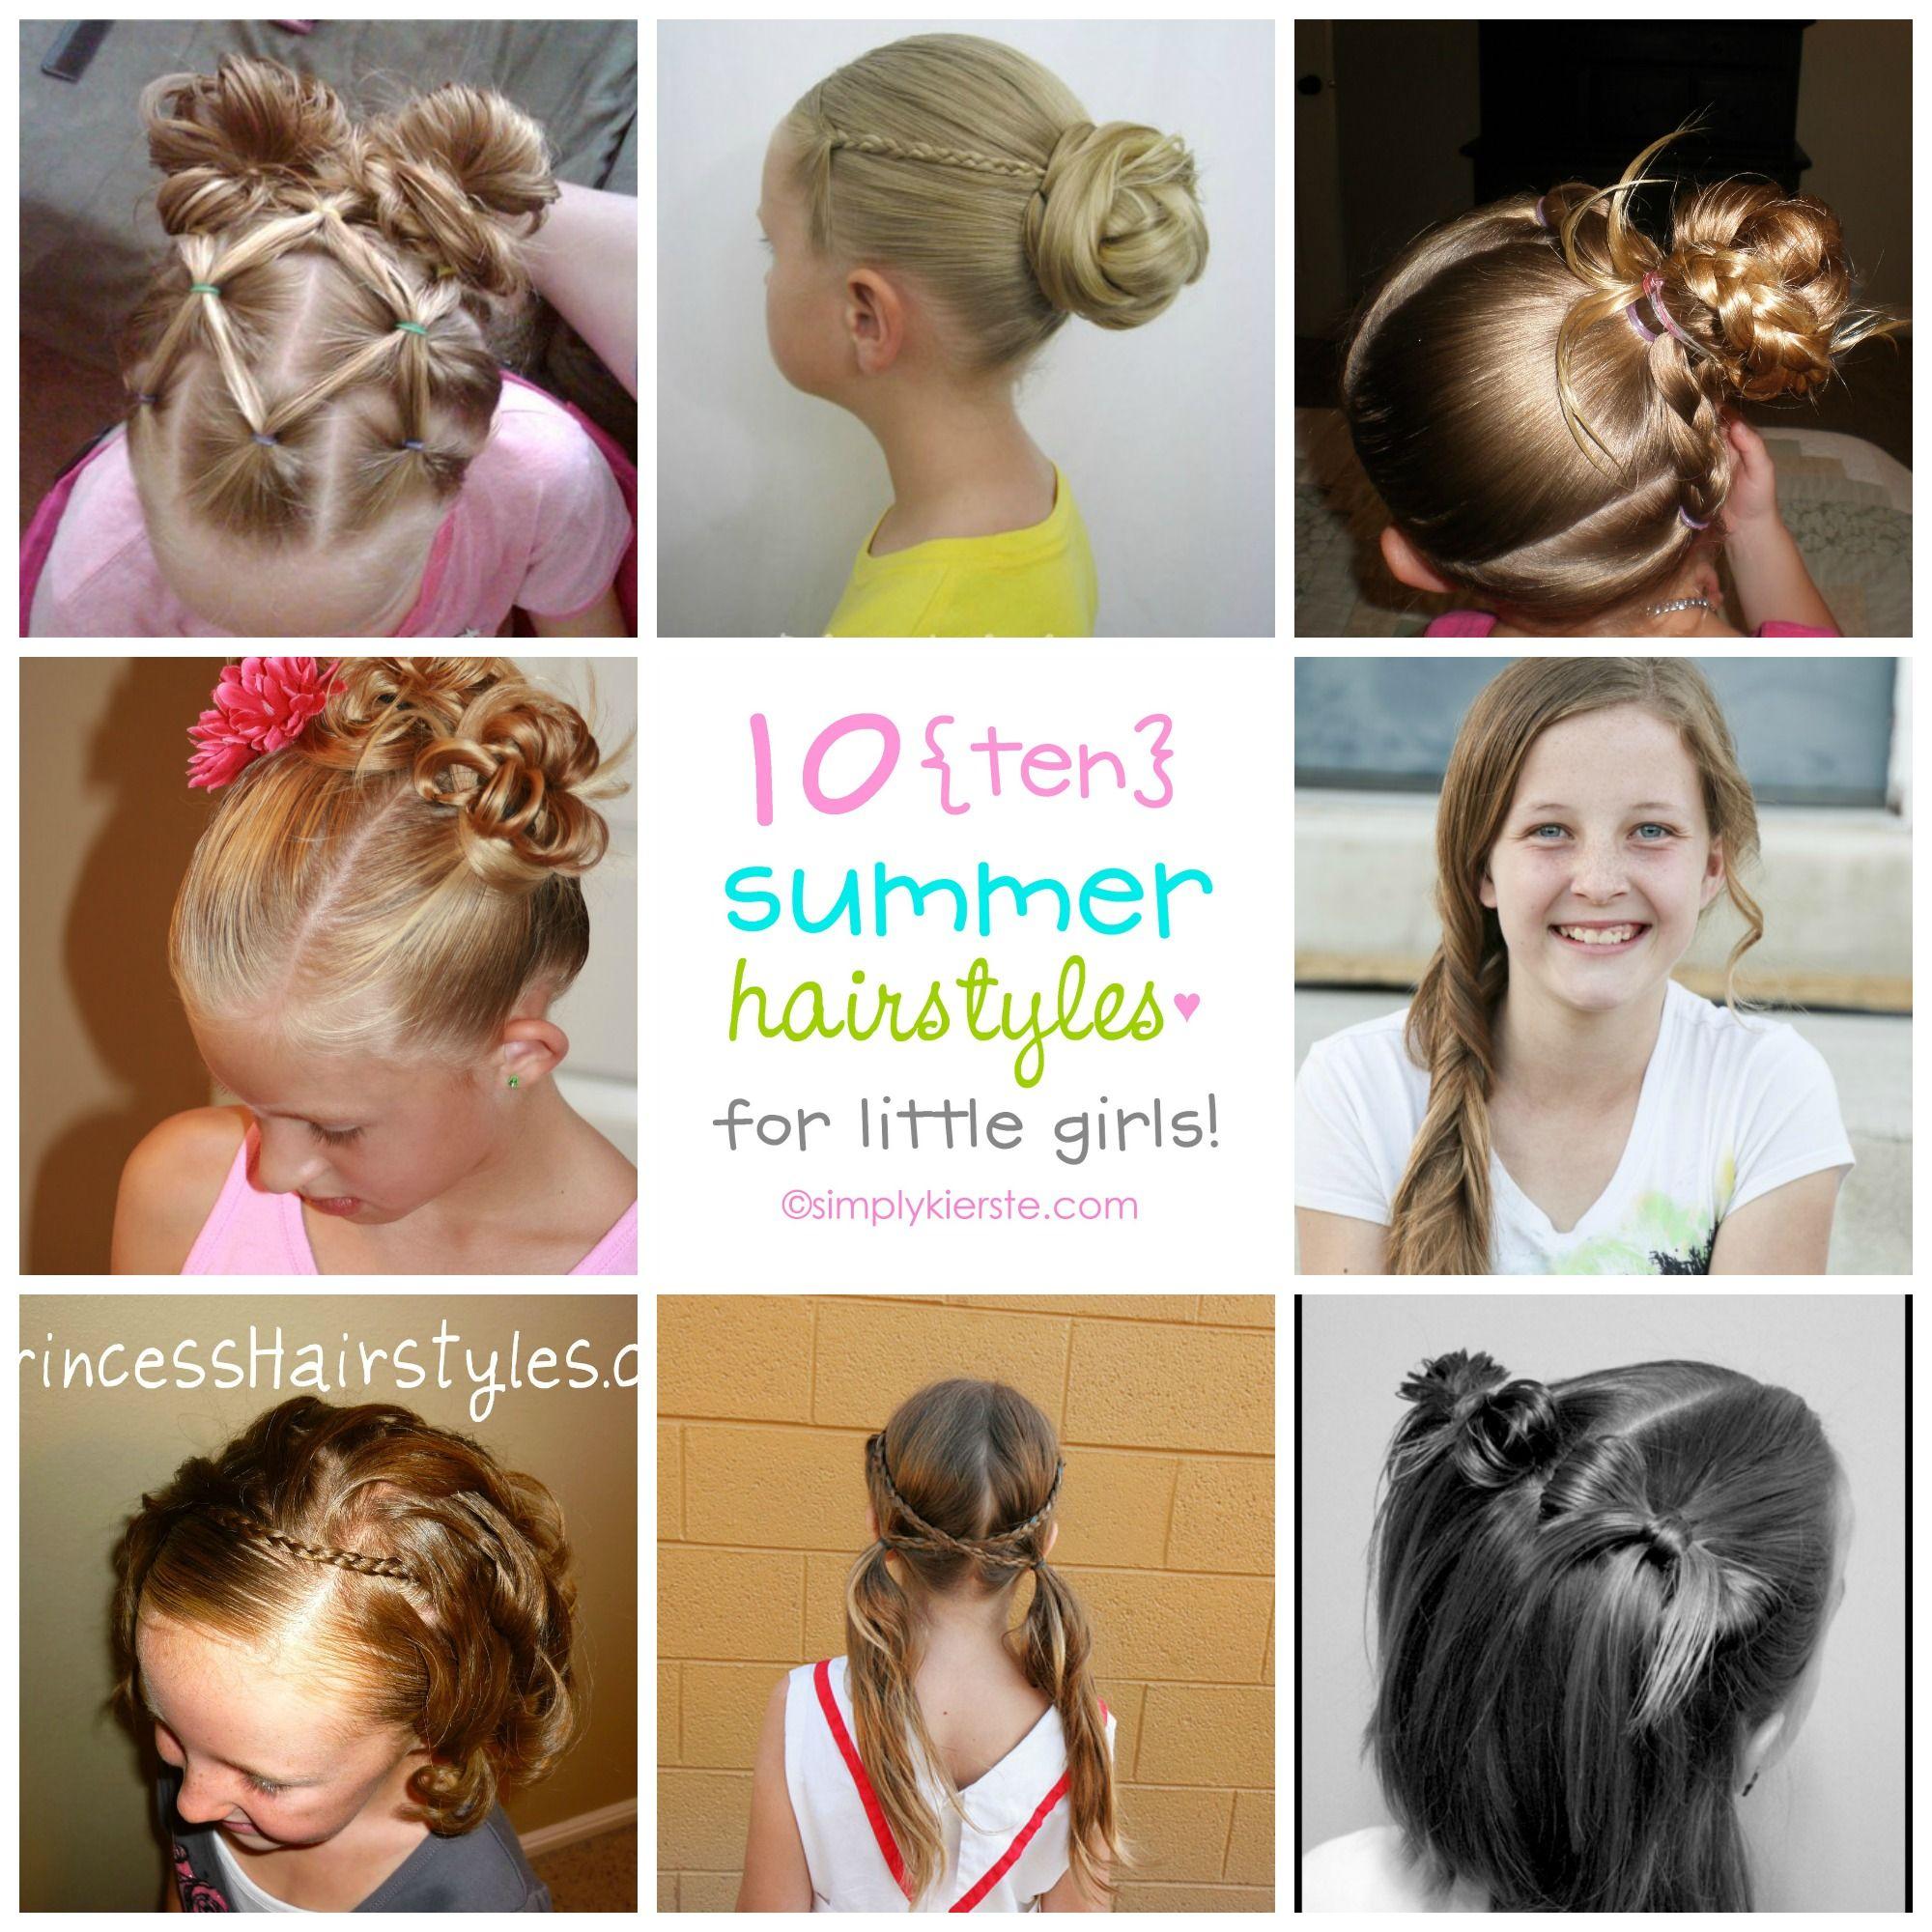 24+ Fun haircuts for summer ideas in 2021